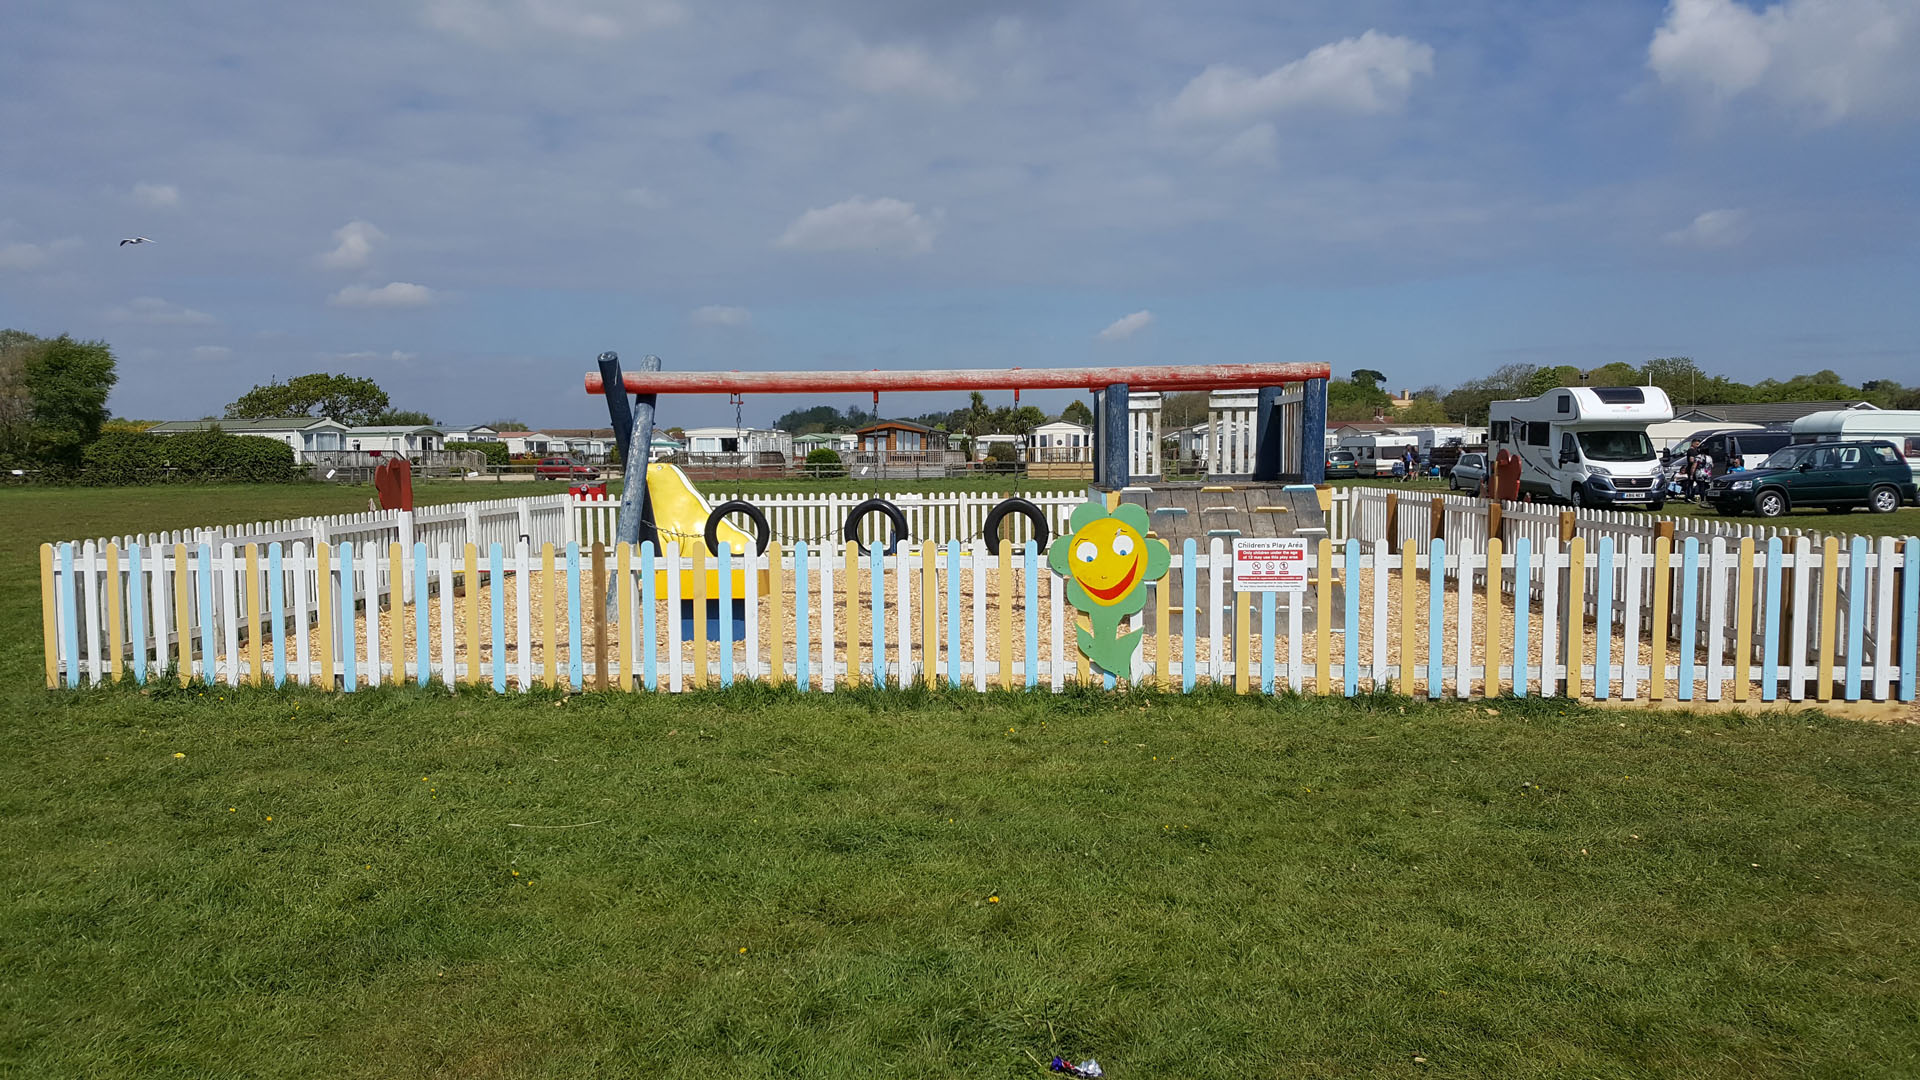 hurst-view-playground